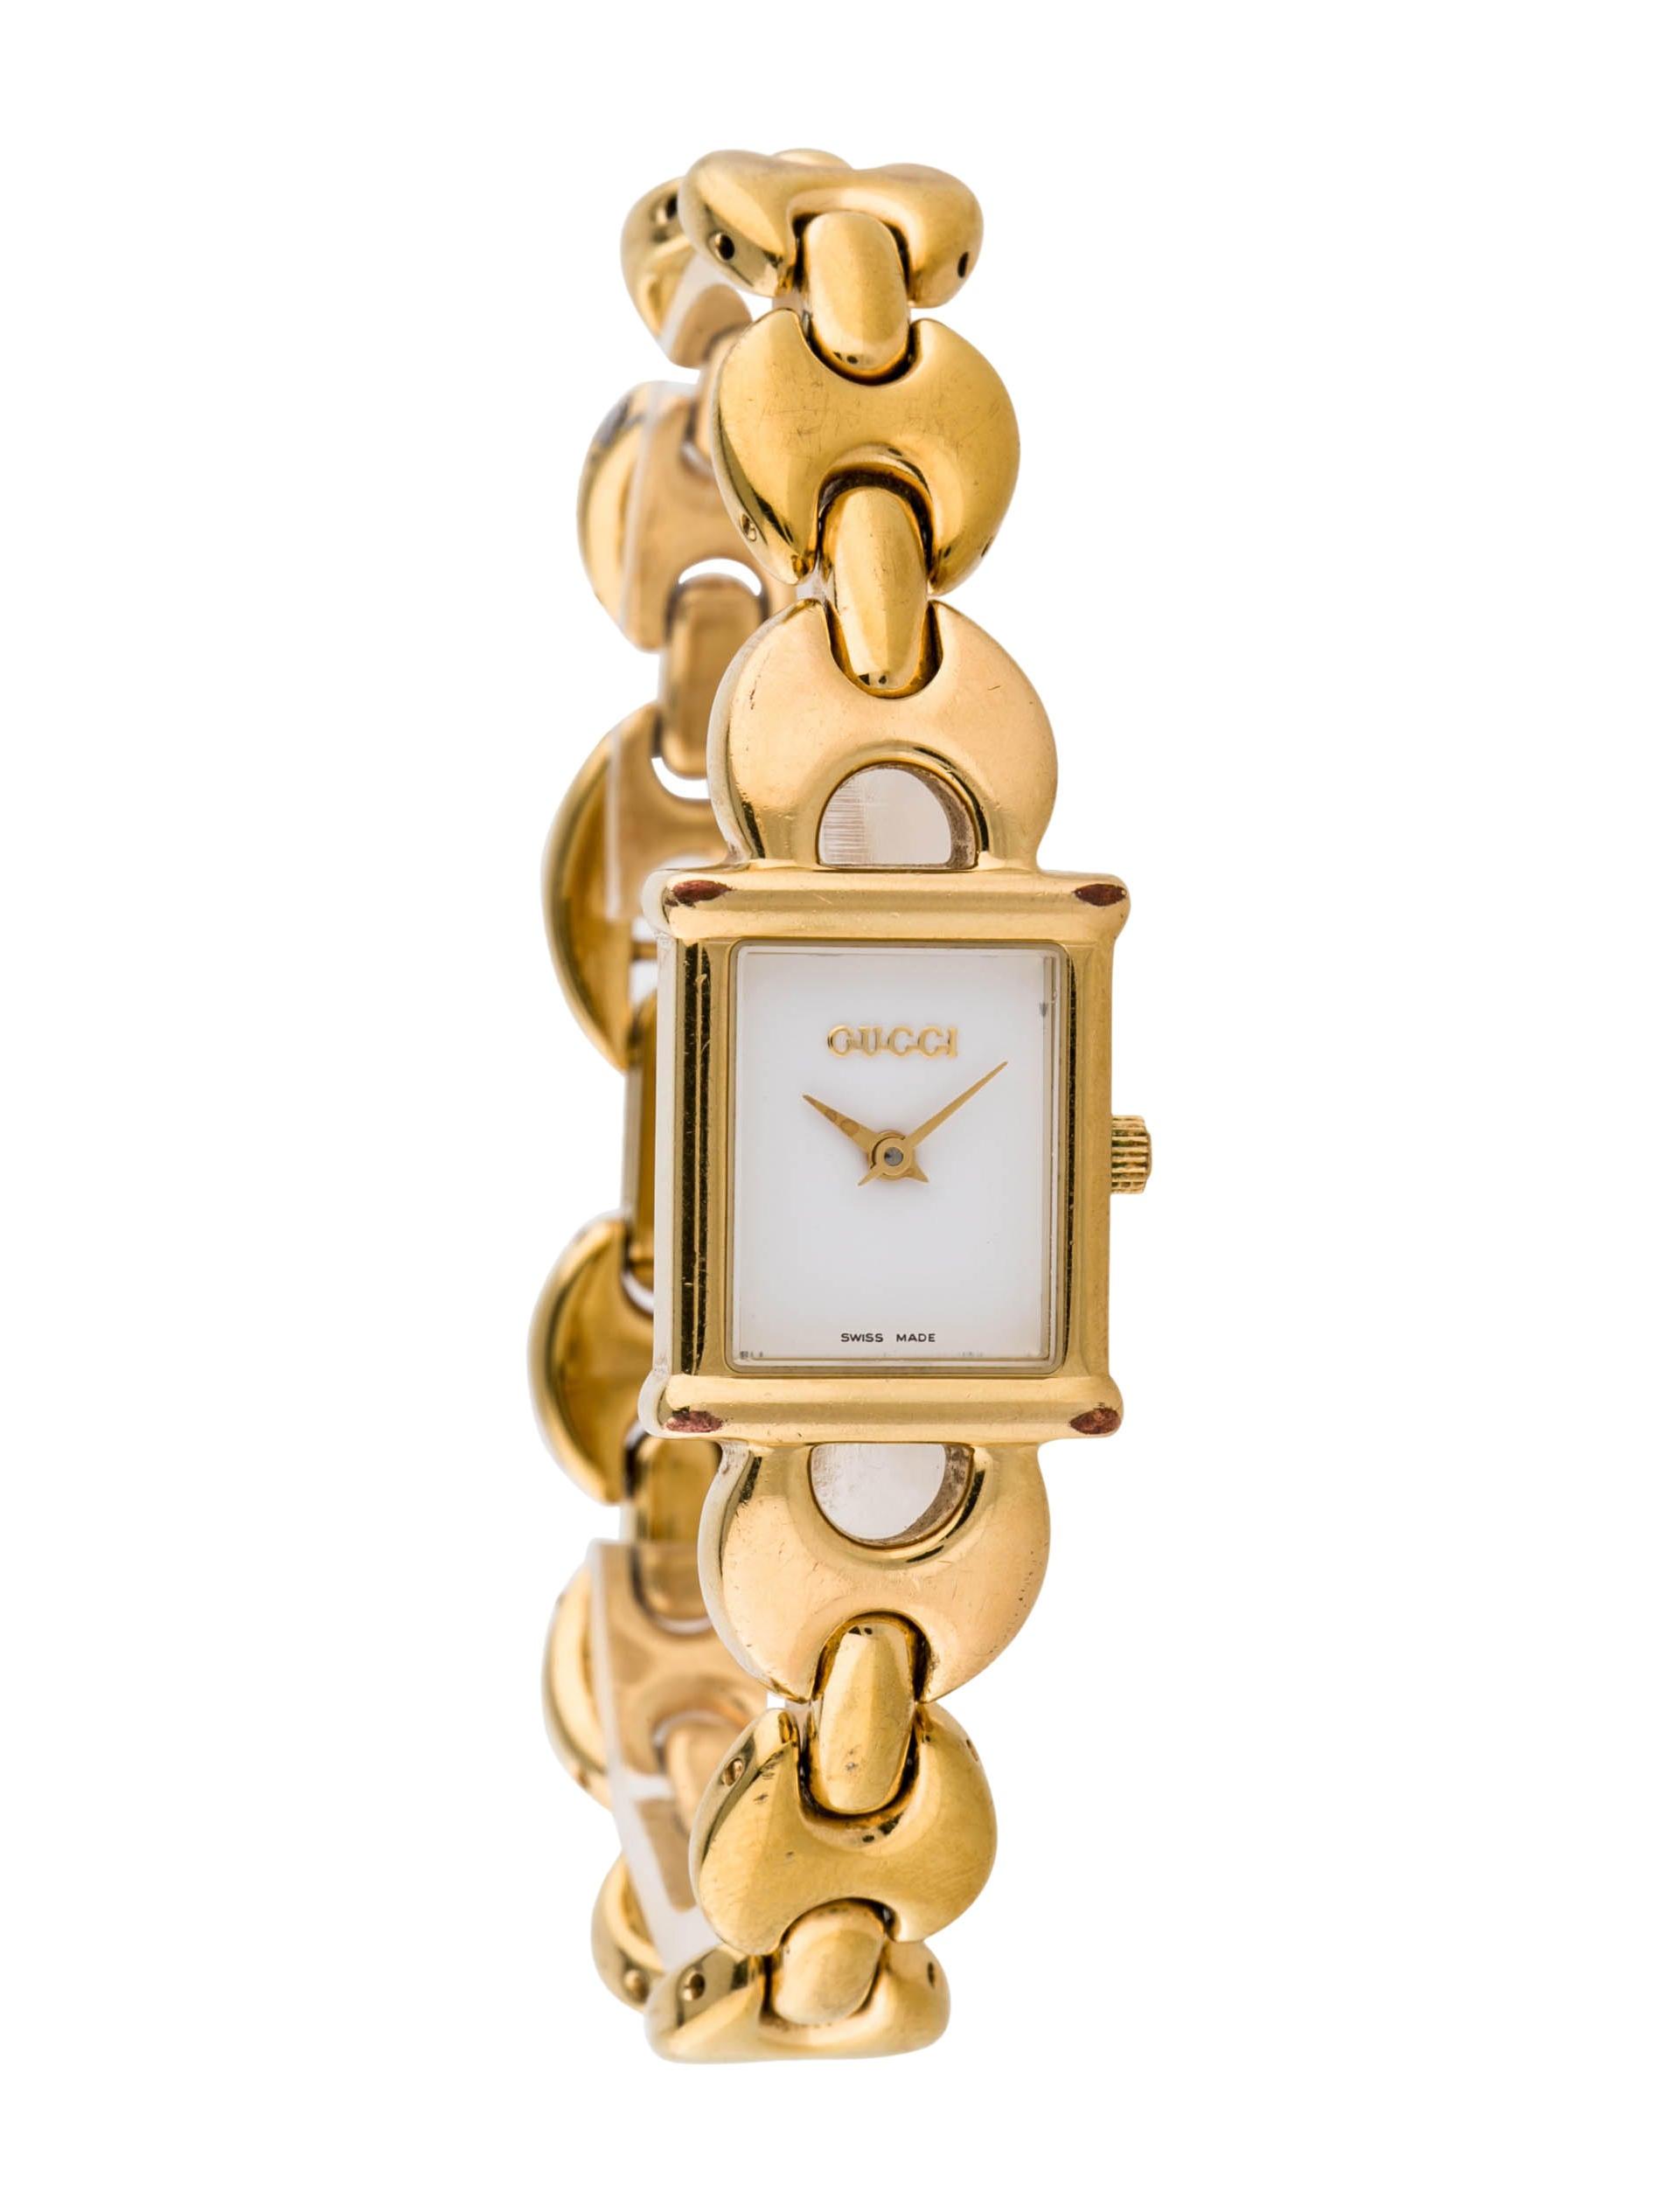 2ac70dd2cdb Gucci 1800L Watch - Bracelet - GUC59326